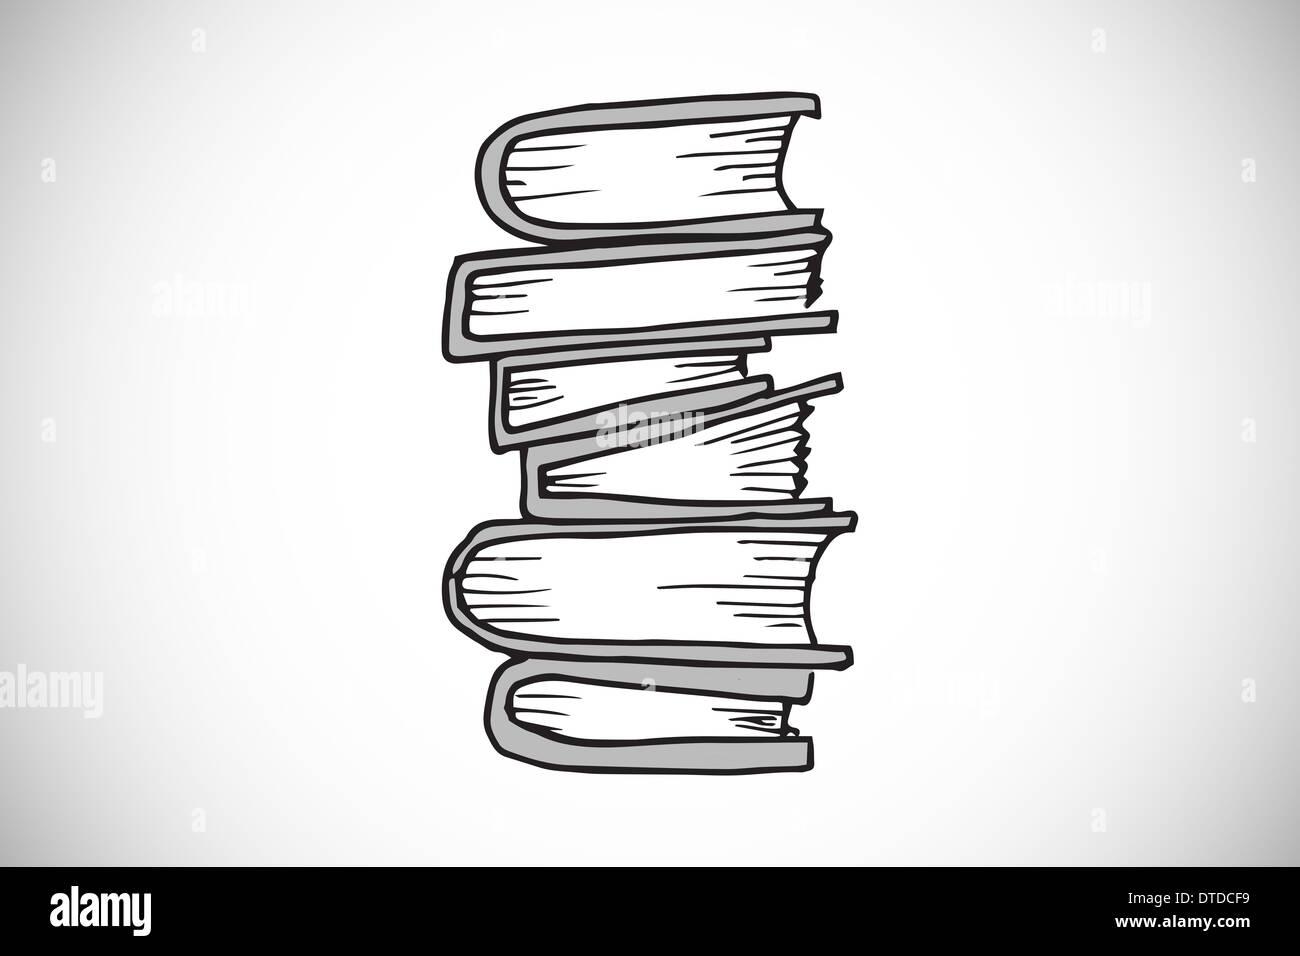 Ungewöhnlich Stapel Bücher Malvorlagen Ideen - Malvorlagen-Ideen ...